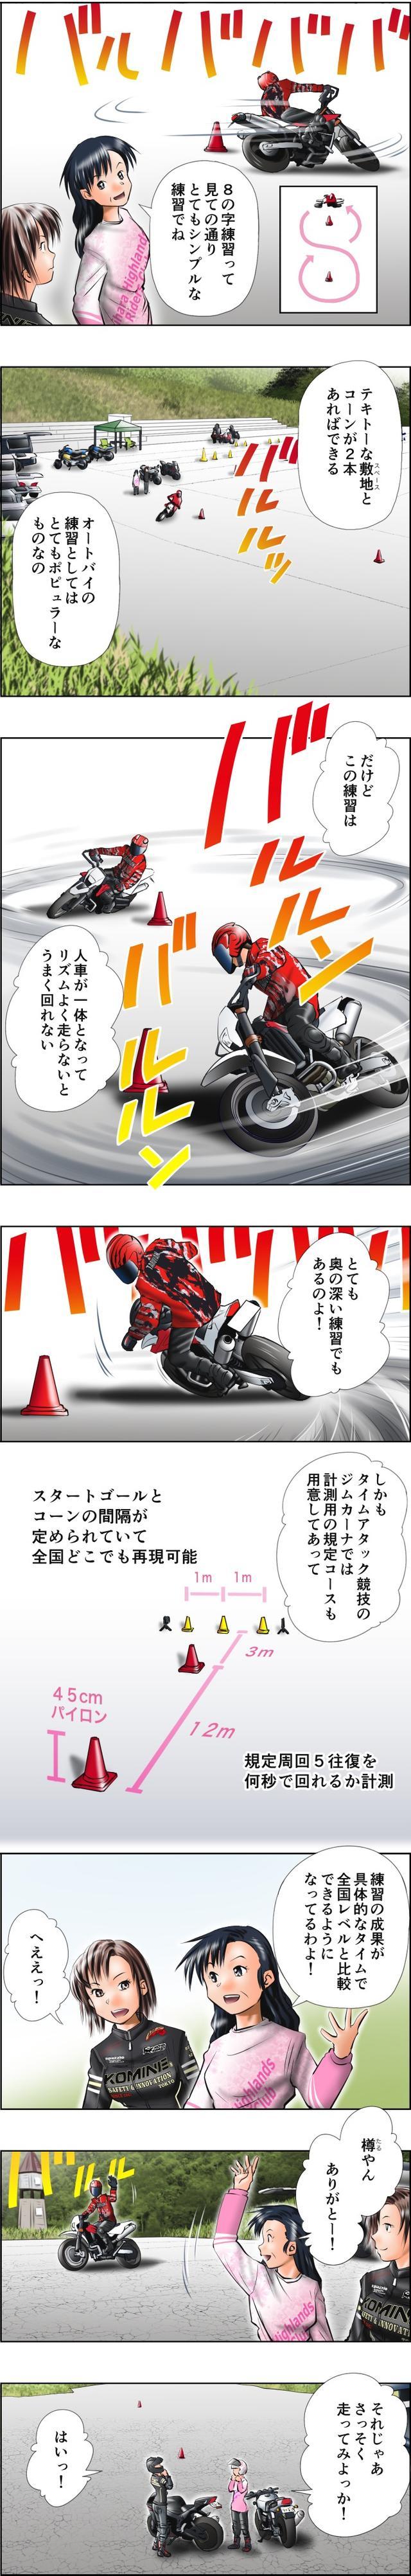 画像2: 「5」の付く日は「Motoジム!の日」!